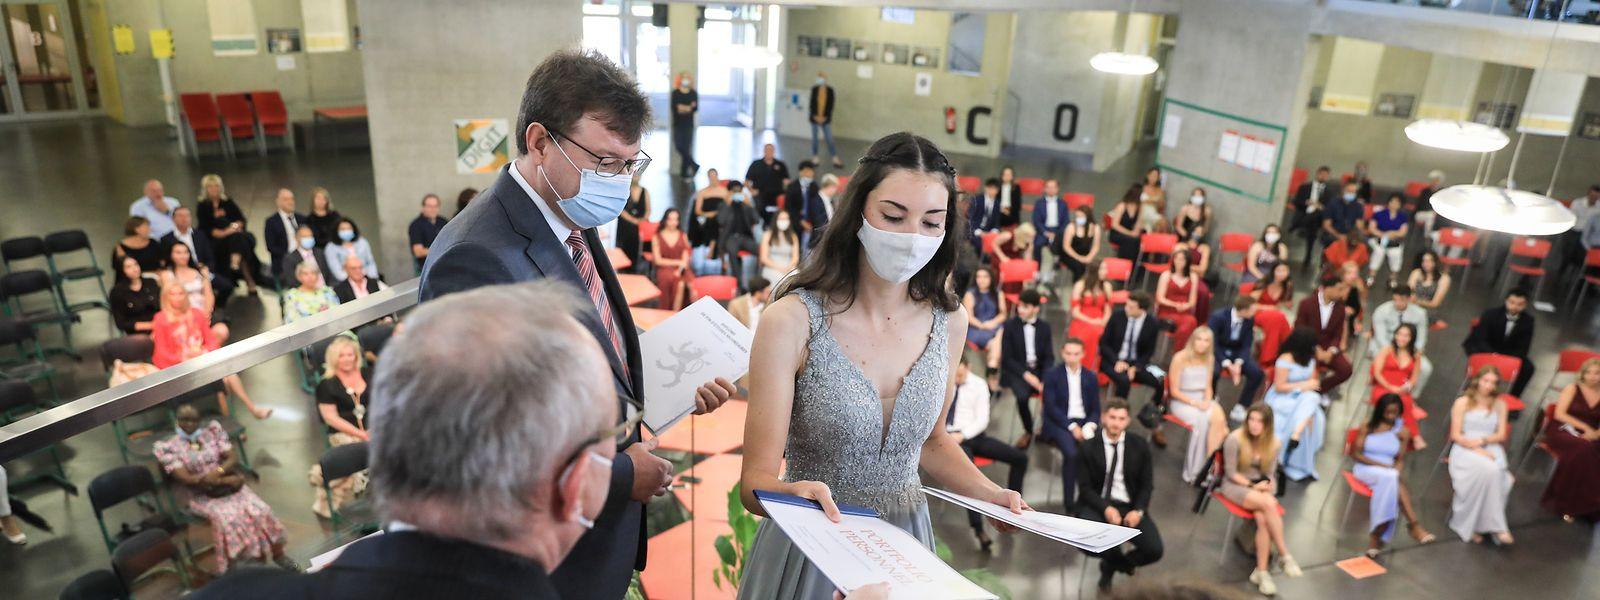 Gestern Nachmittag haben die Primaner des Lycée Michel-Rodange in einer feierlichen Zeremonie ihr Abschlussdiplom erhalten. Bedingt durch das Corona-Virus galten dabei jedoch strenge Hygienevorschriften.